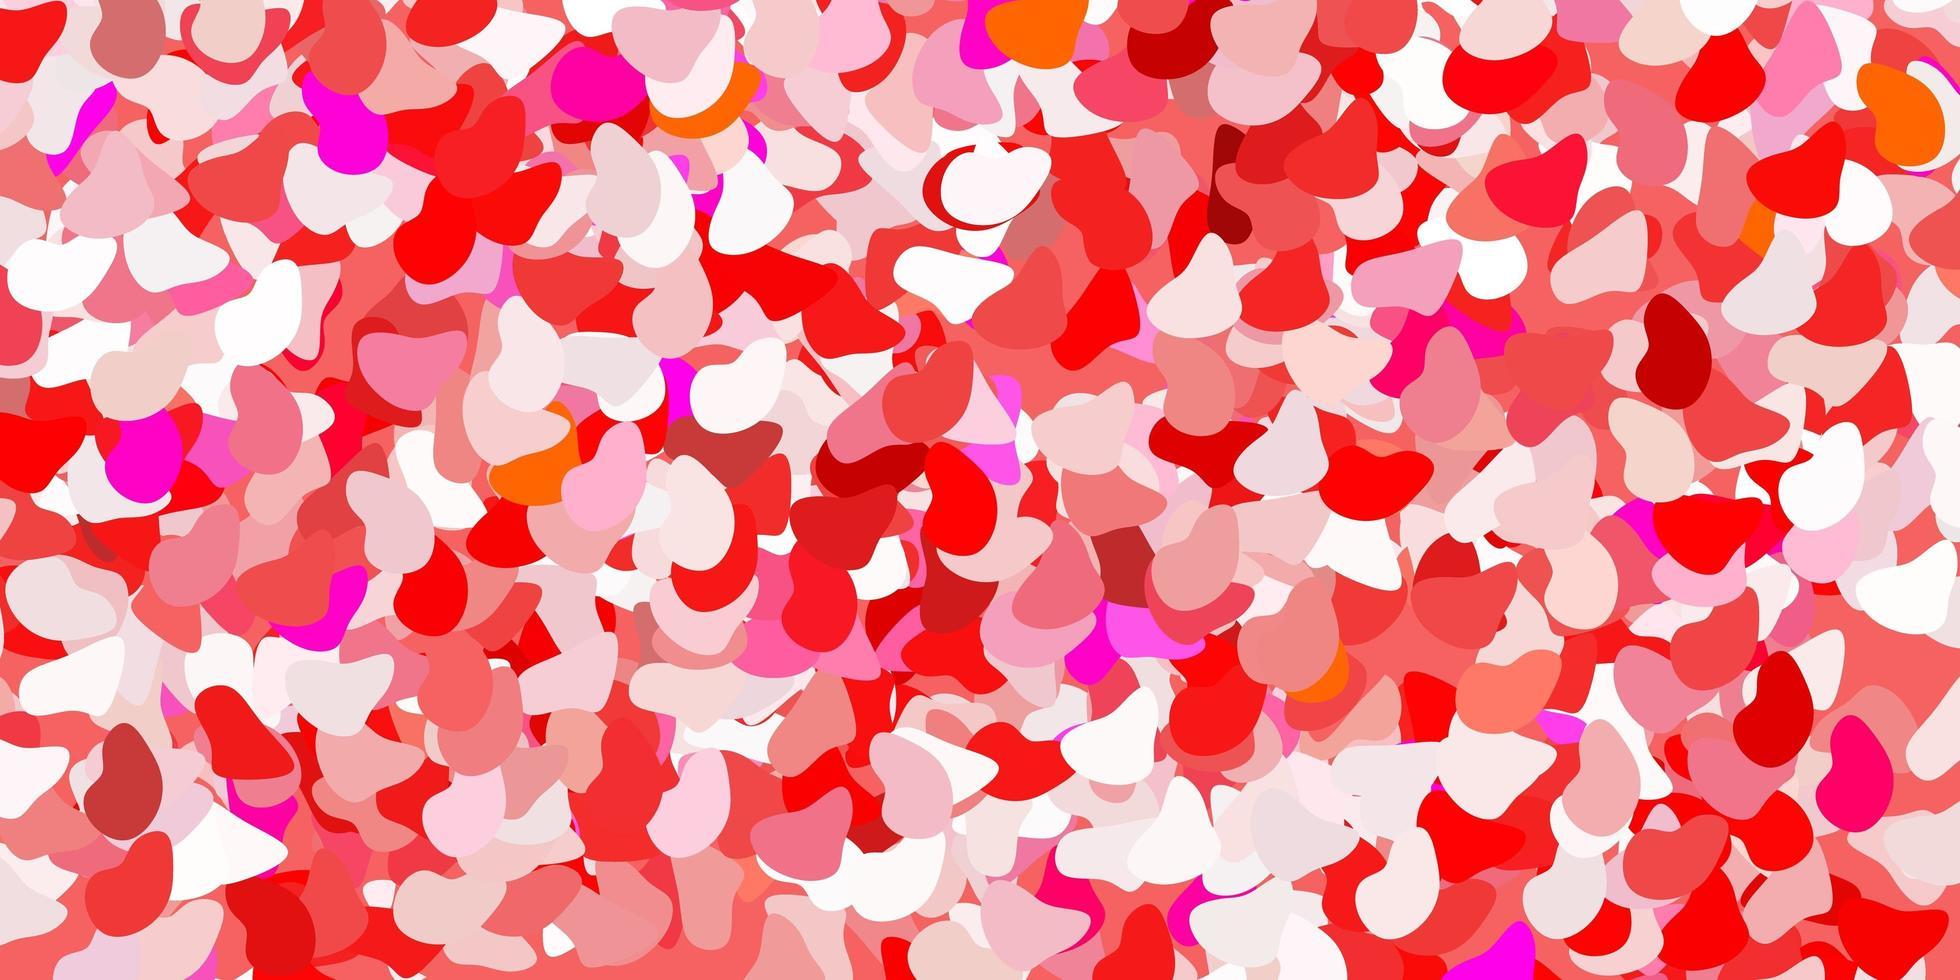 hellrotes Muster mit abstrakten Formen. vektor